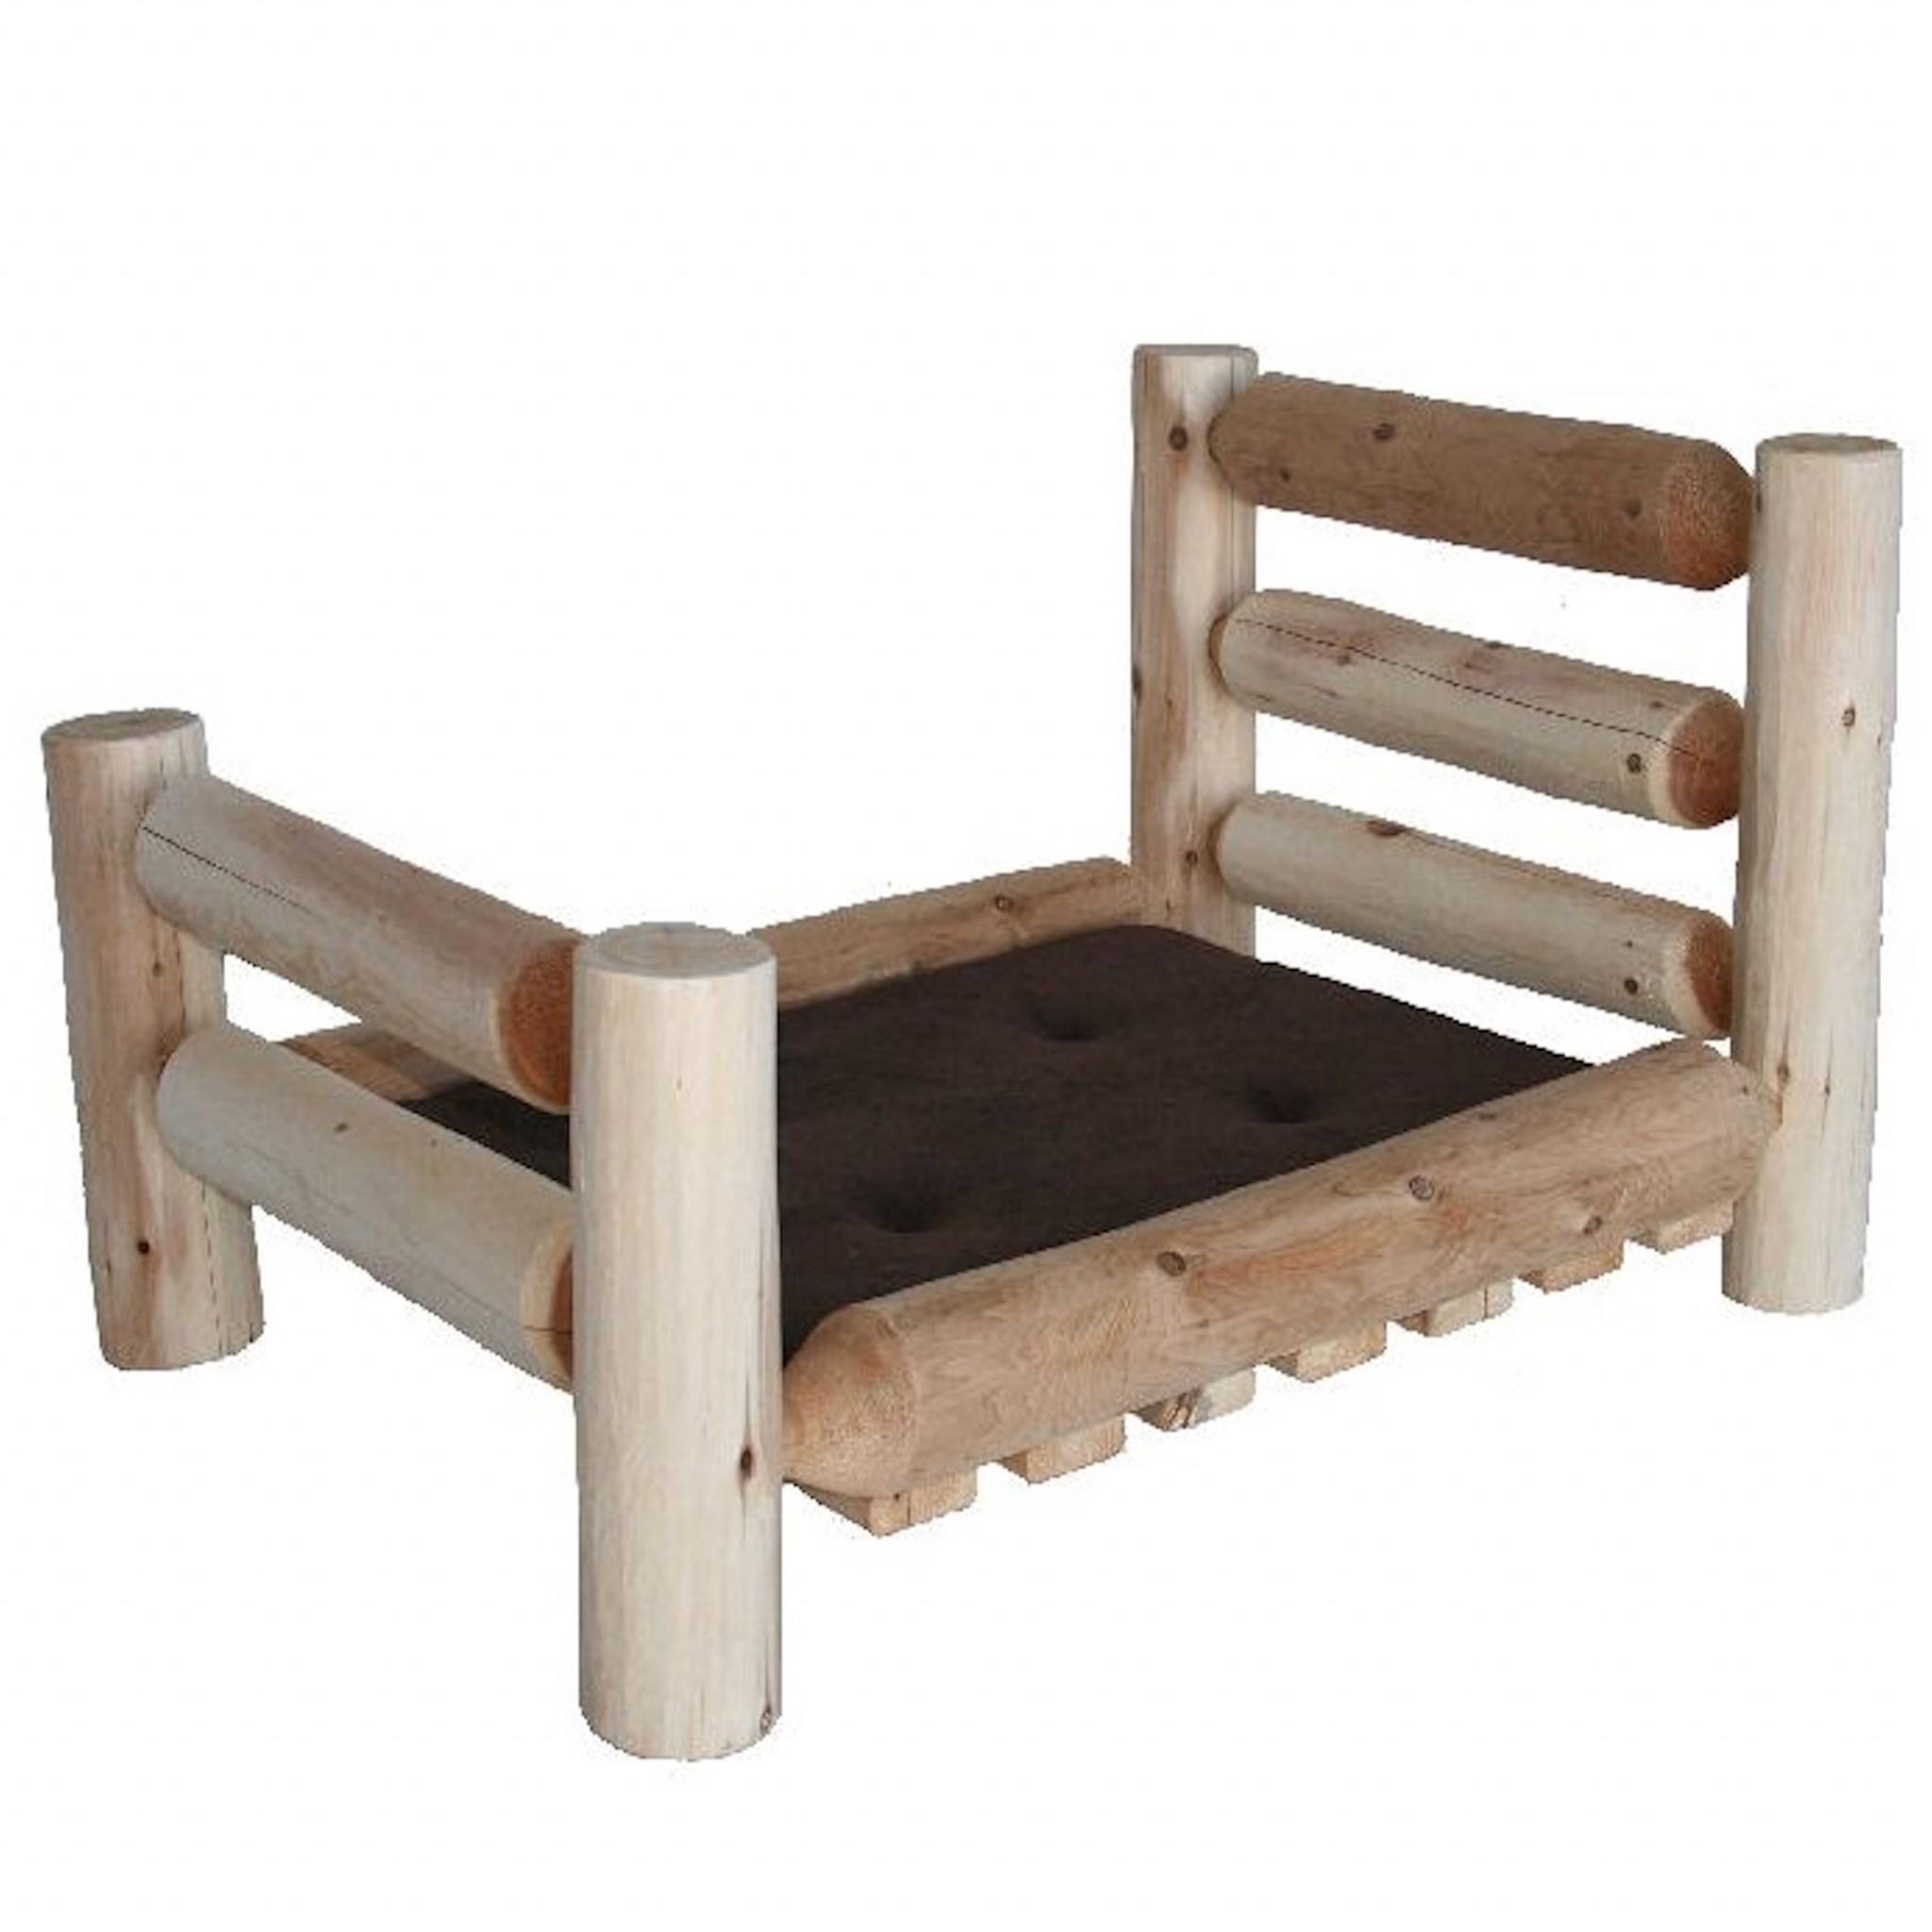 Rustic and Natural Cedar Log Large Replica Pet Bed